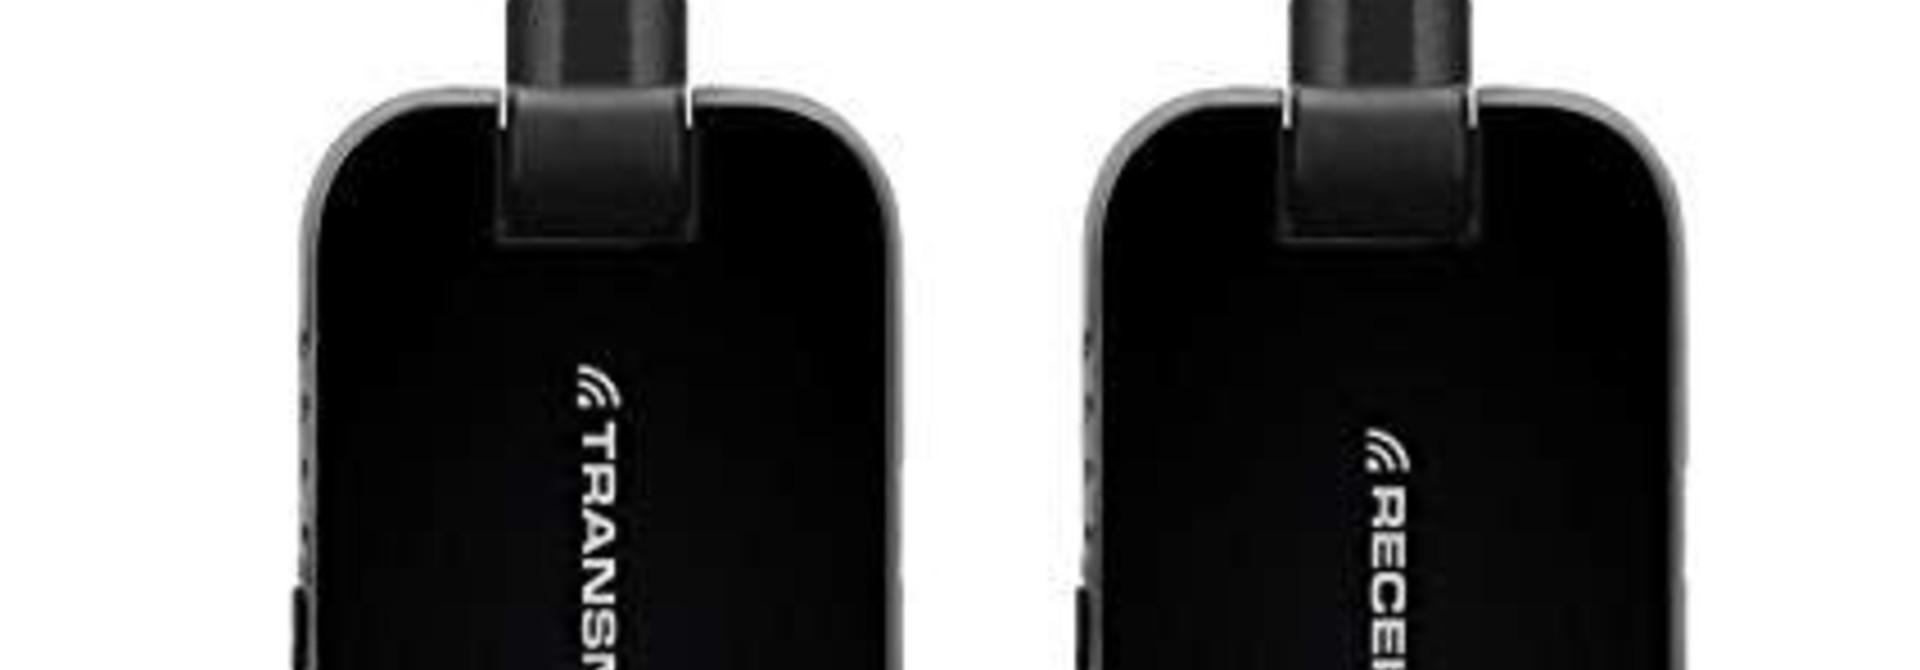 NUX B-2 2.4GHz Wireless System - Black